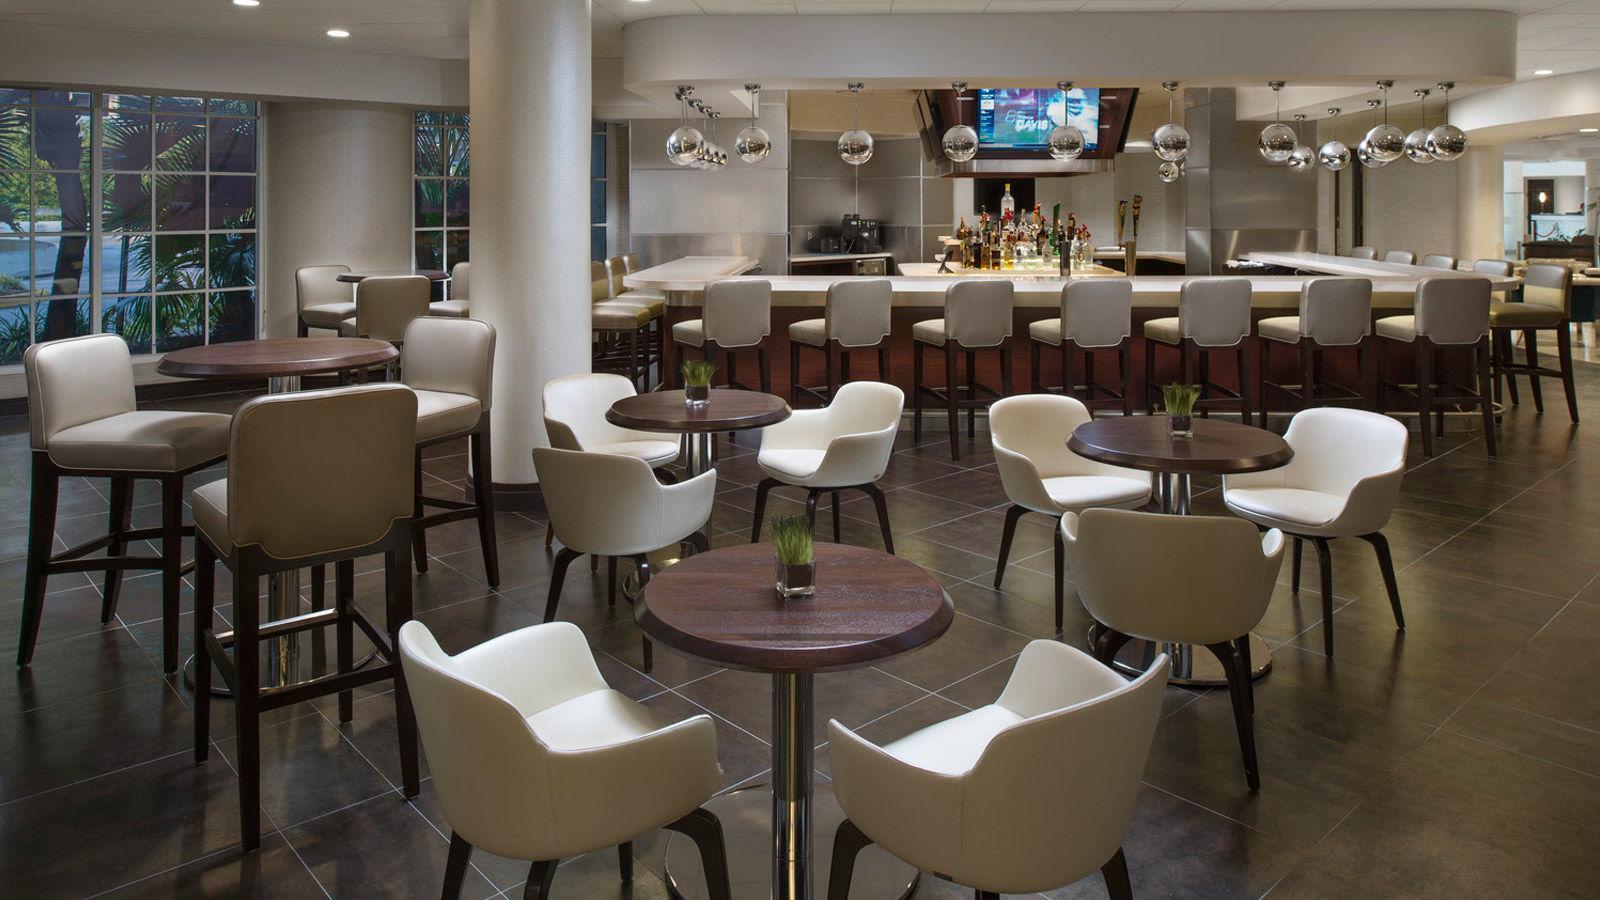 Dinner Restaurants Open After 10pm